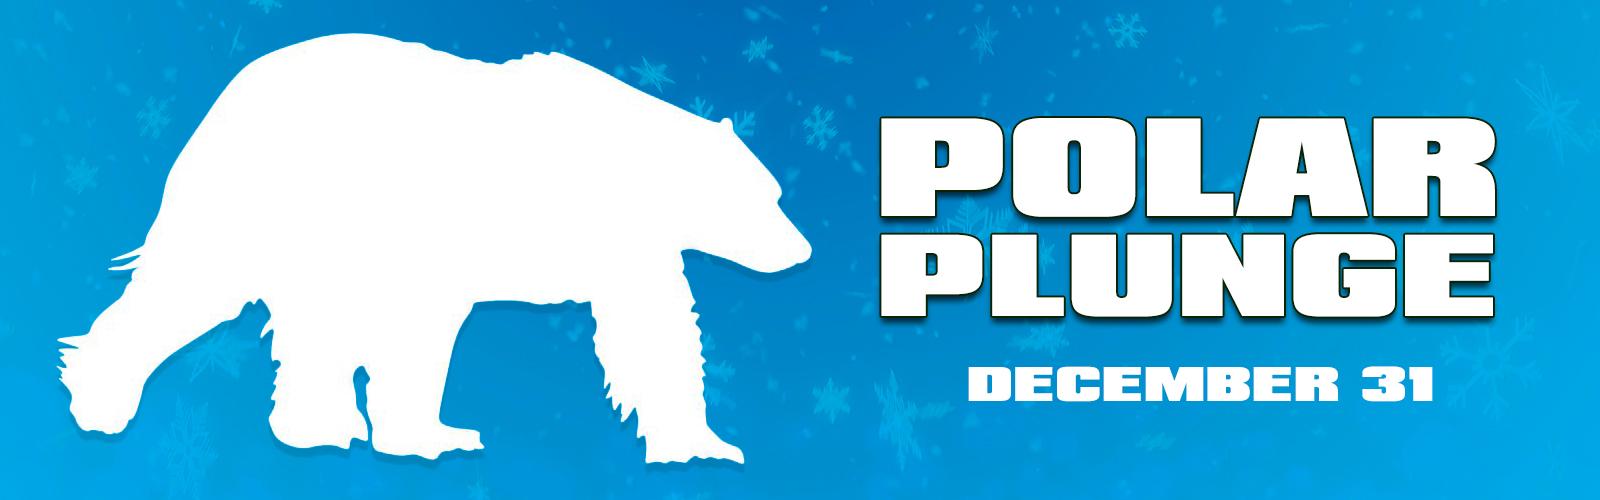 polarplunge